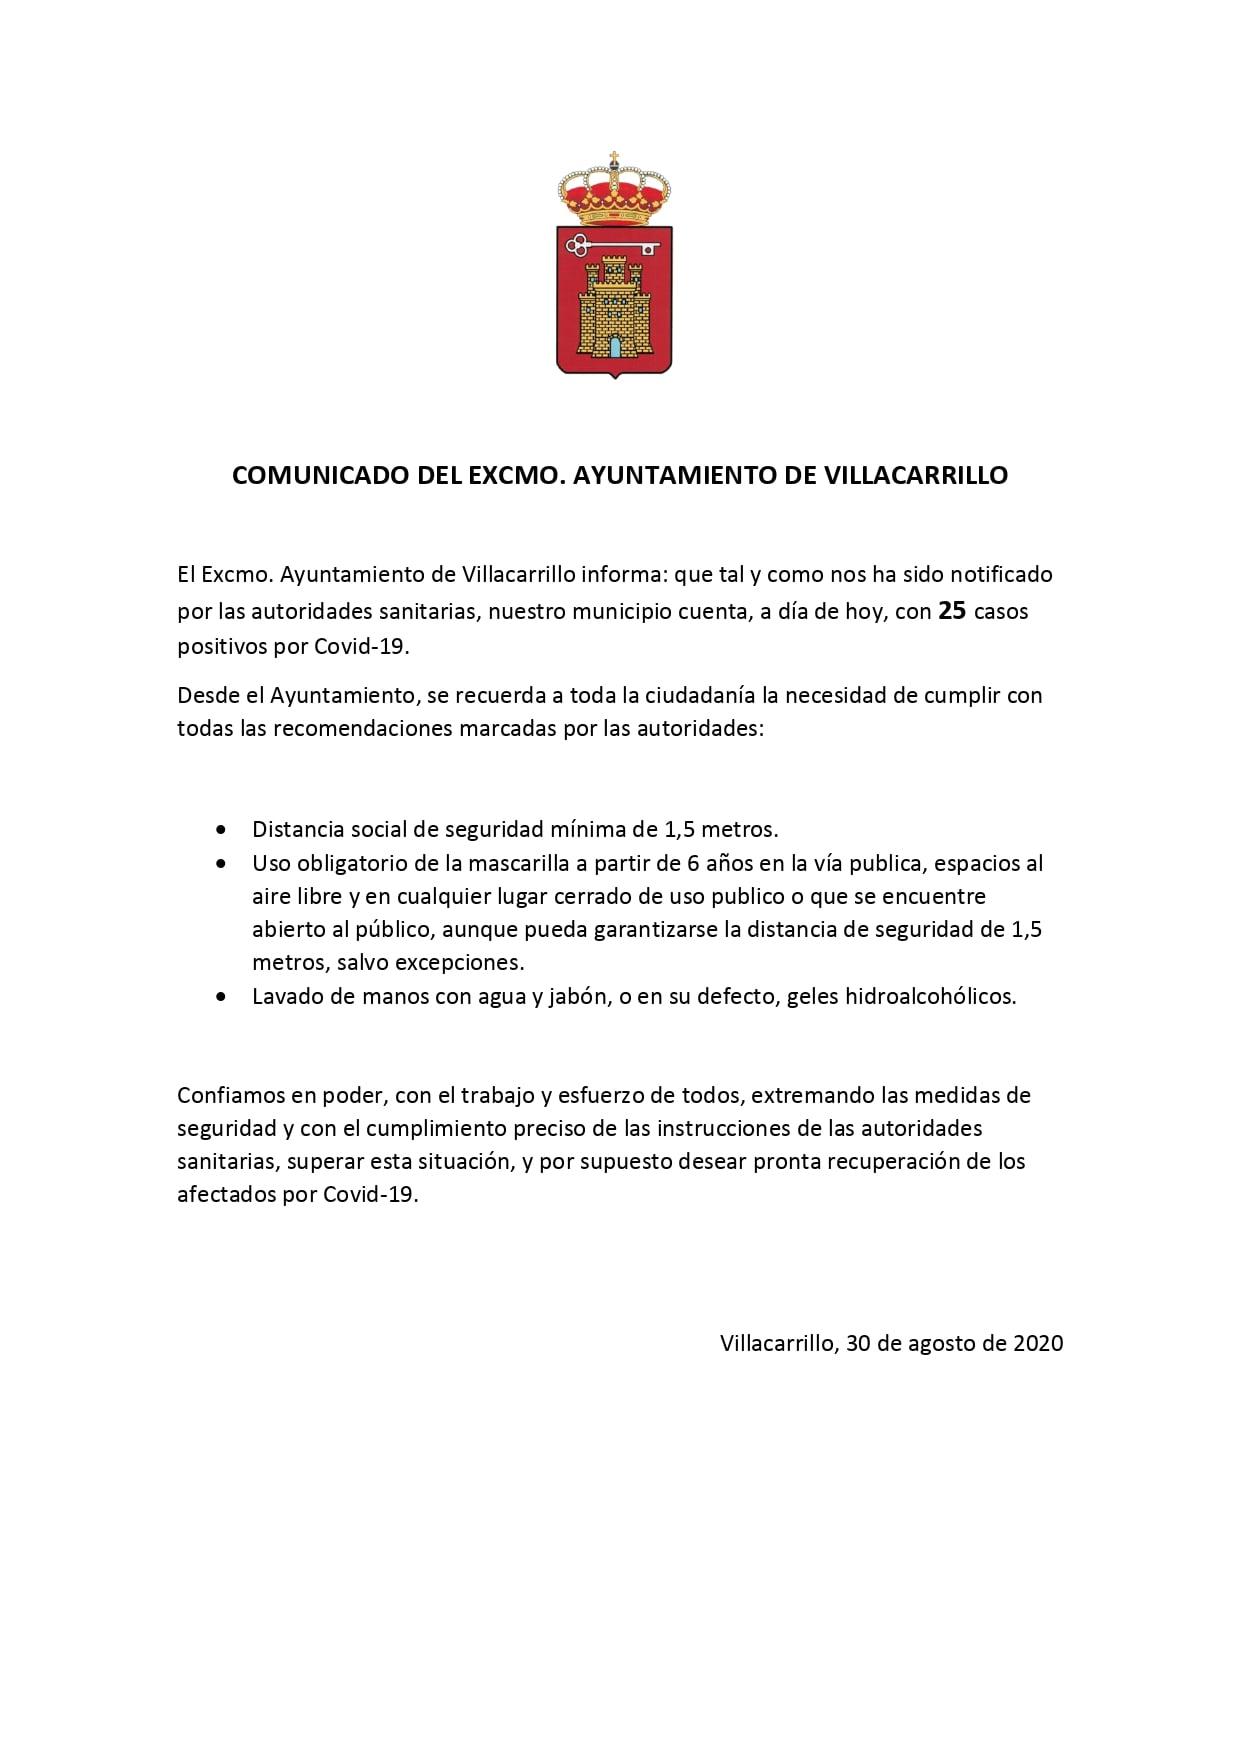 25 casos positivos de COVID-19 (agosto 2020) - Villacarrillo (Jaén)